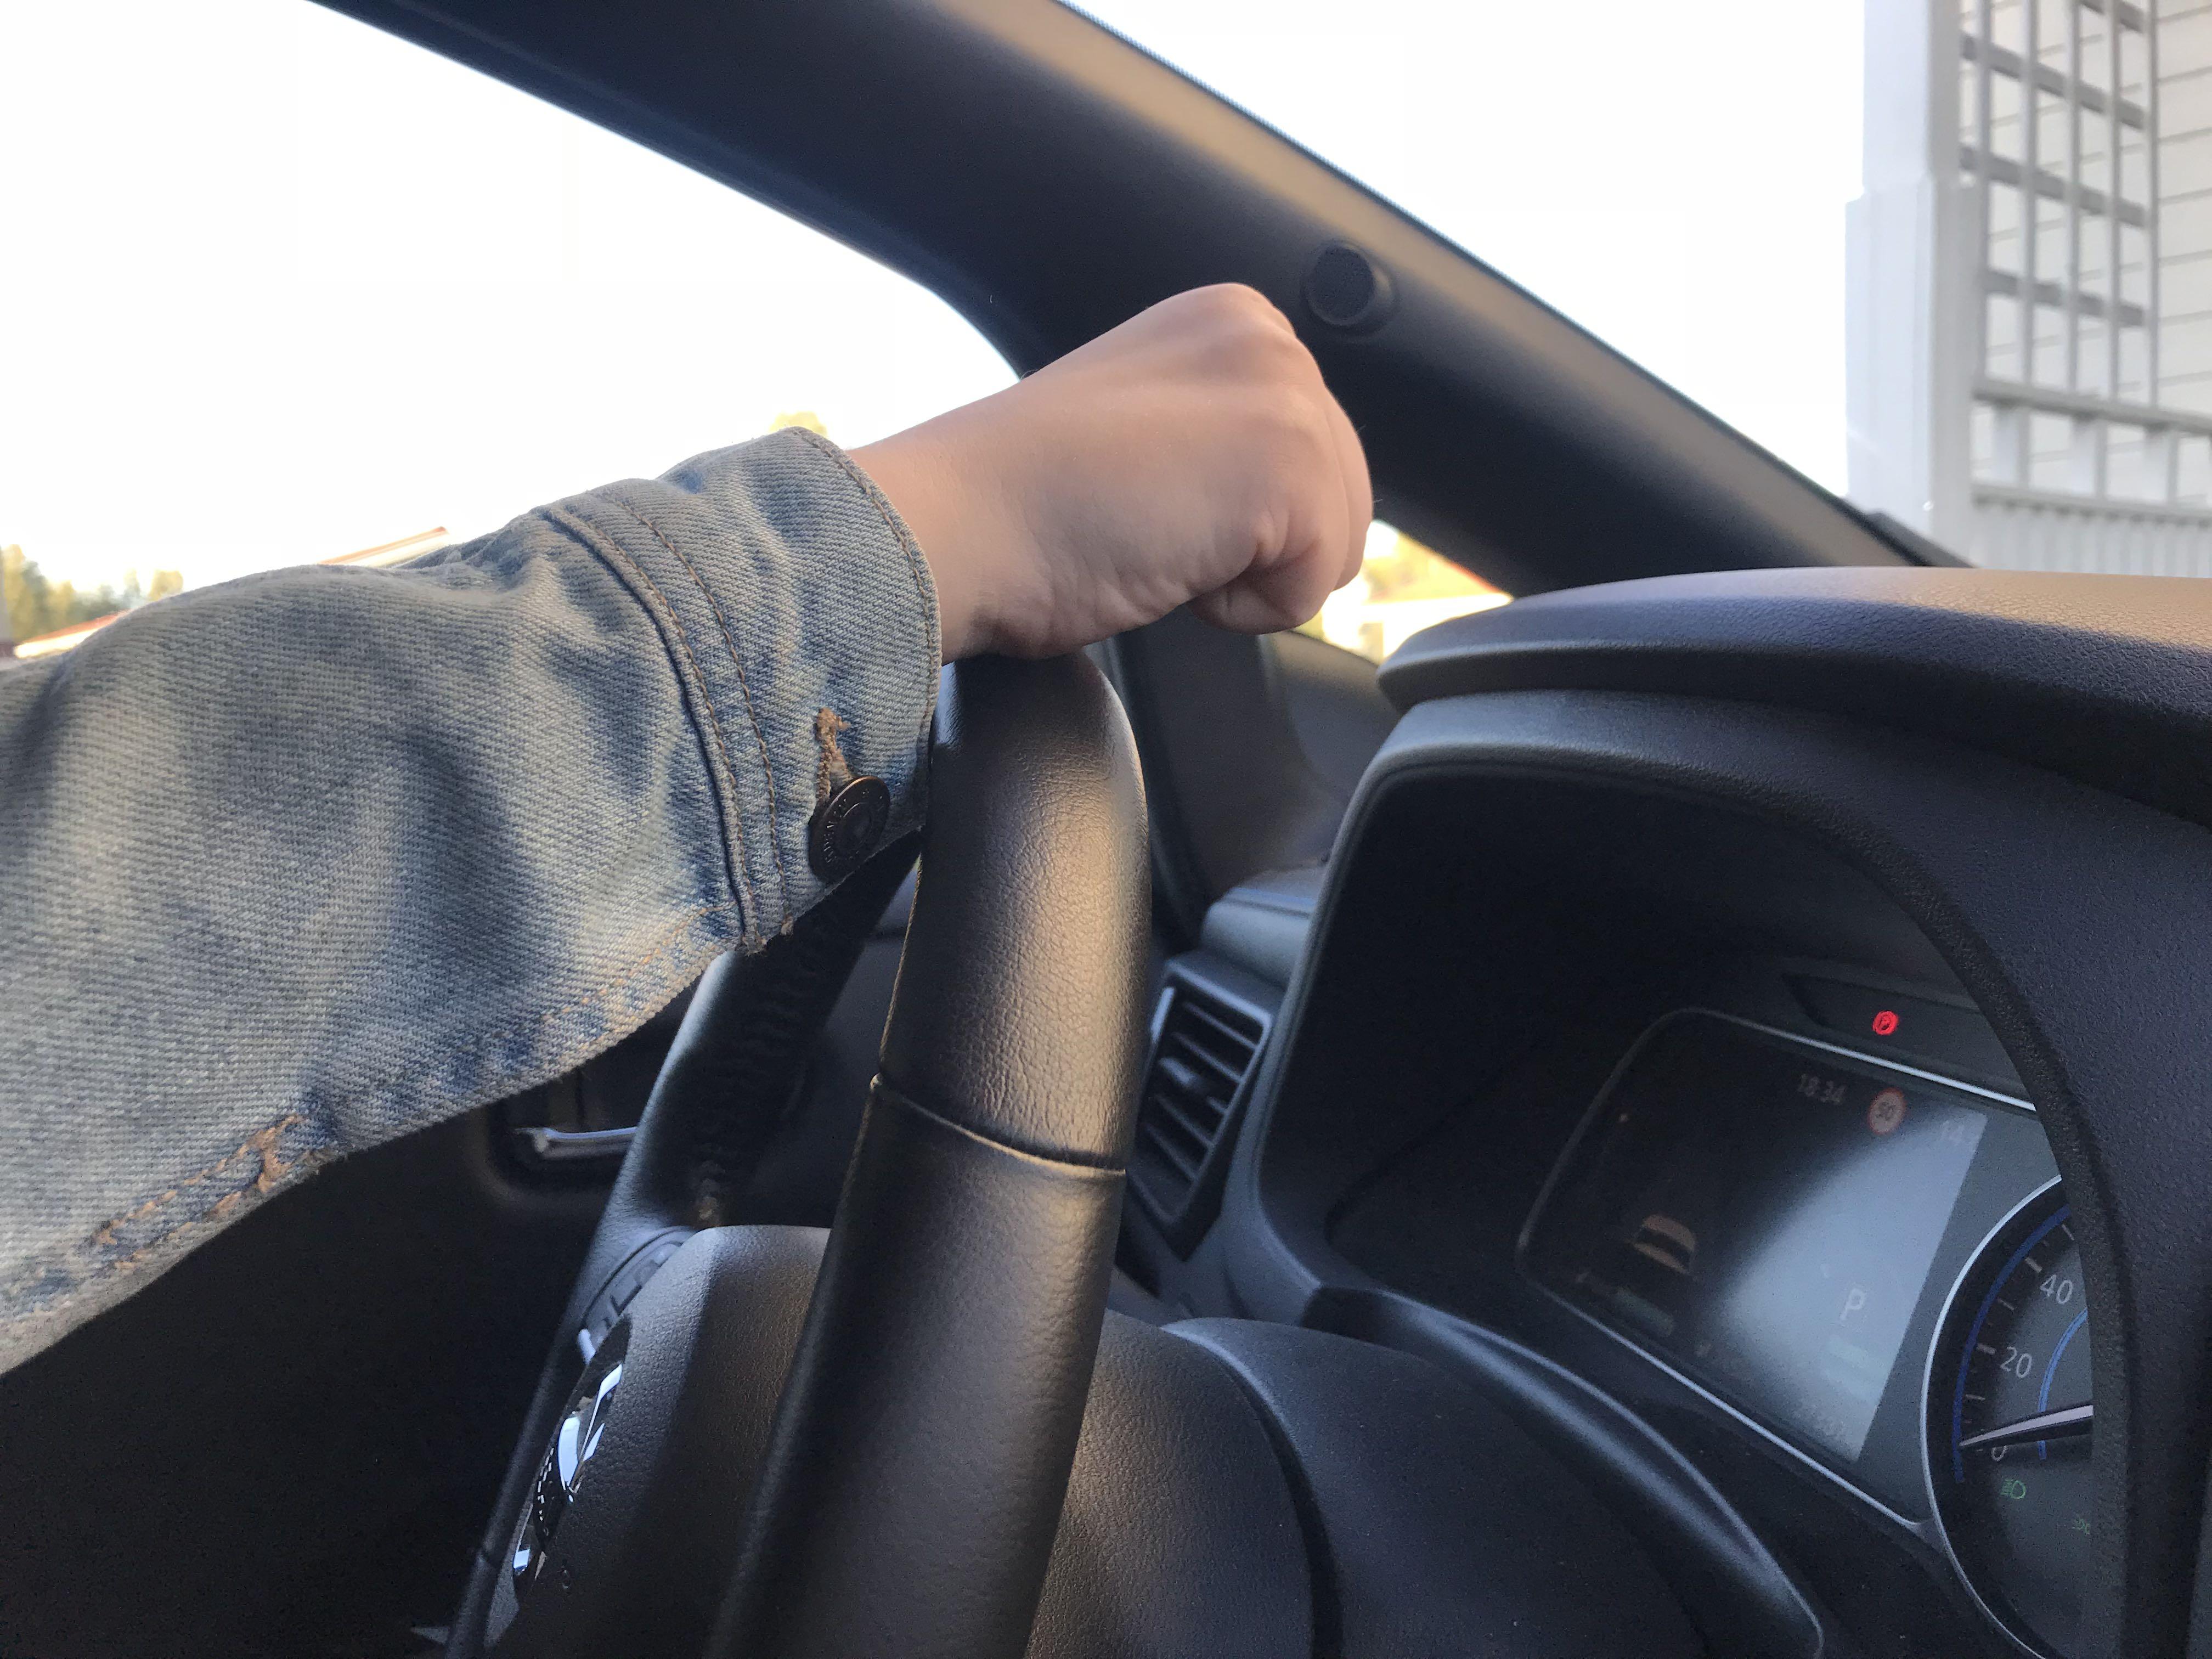 Ajo-opetusta sähköautolla: oppitunti 1